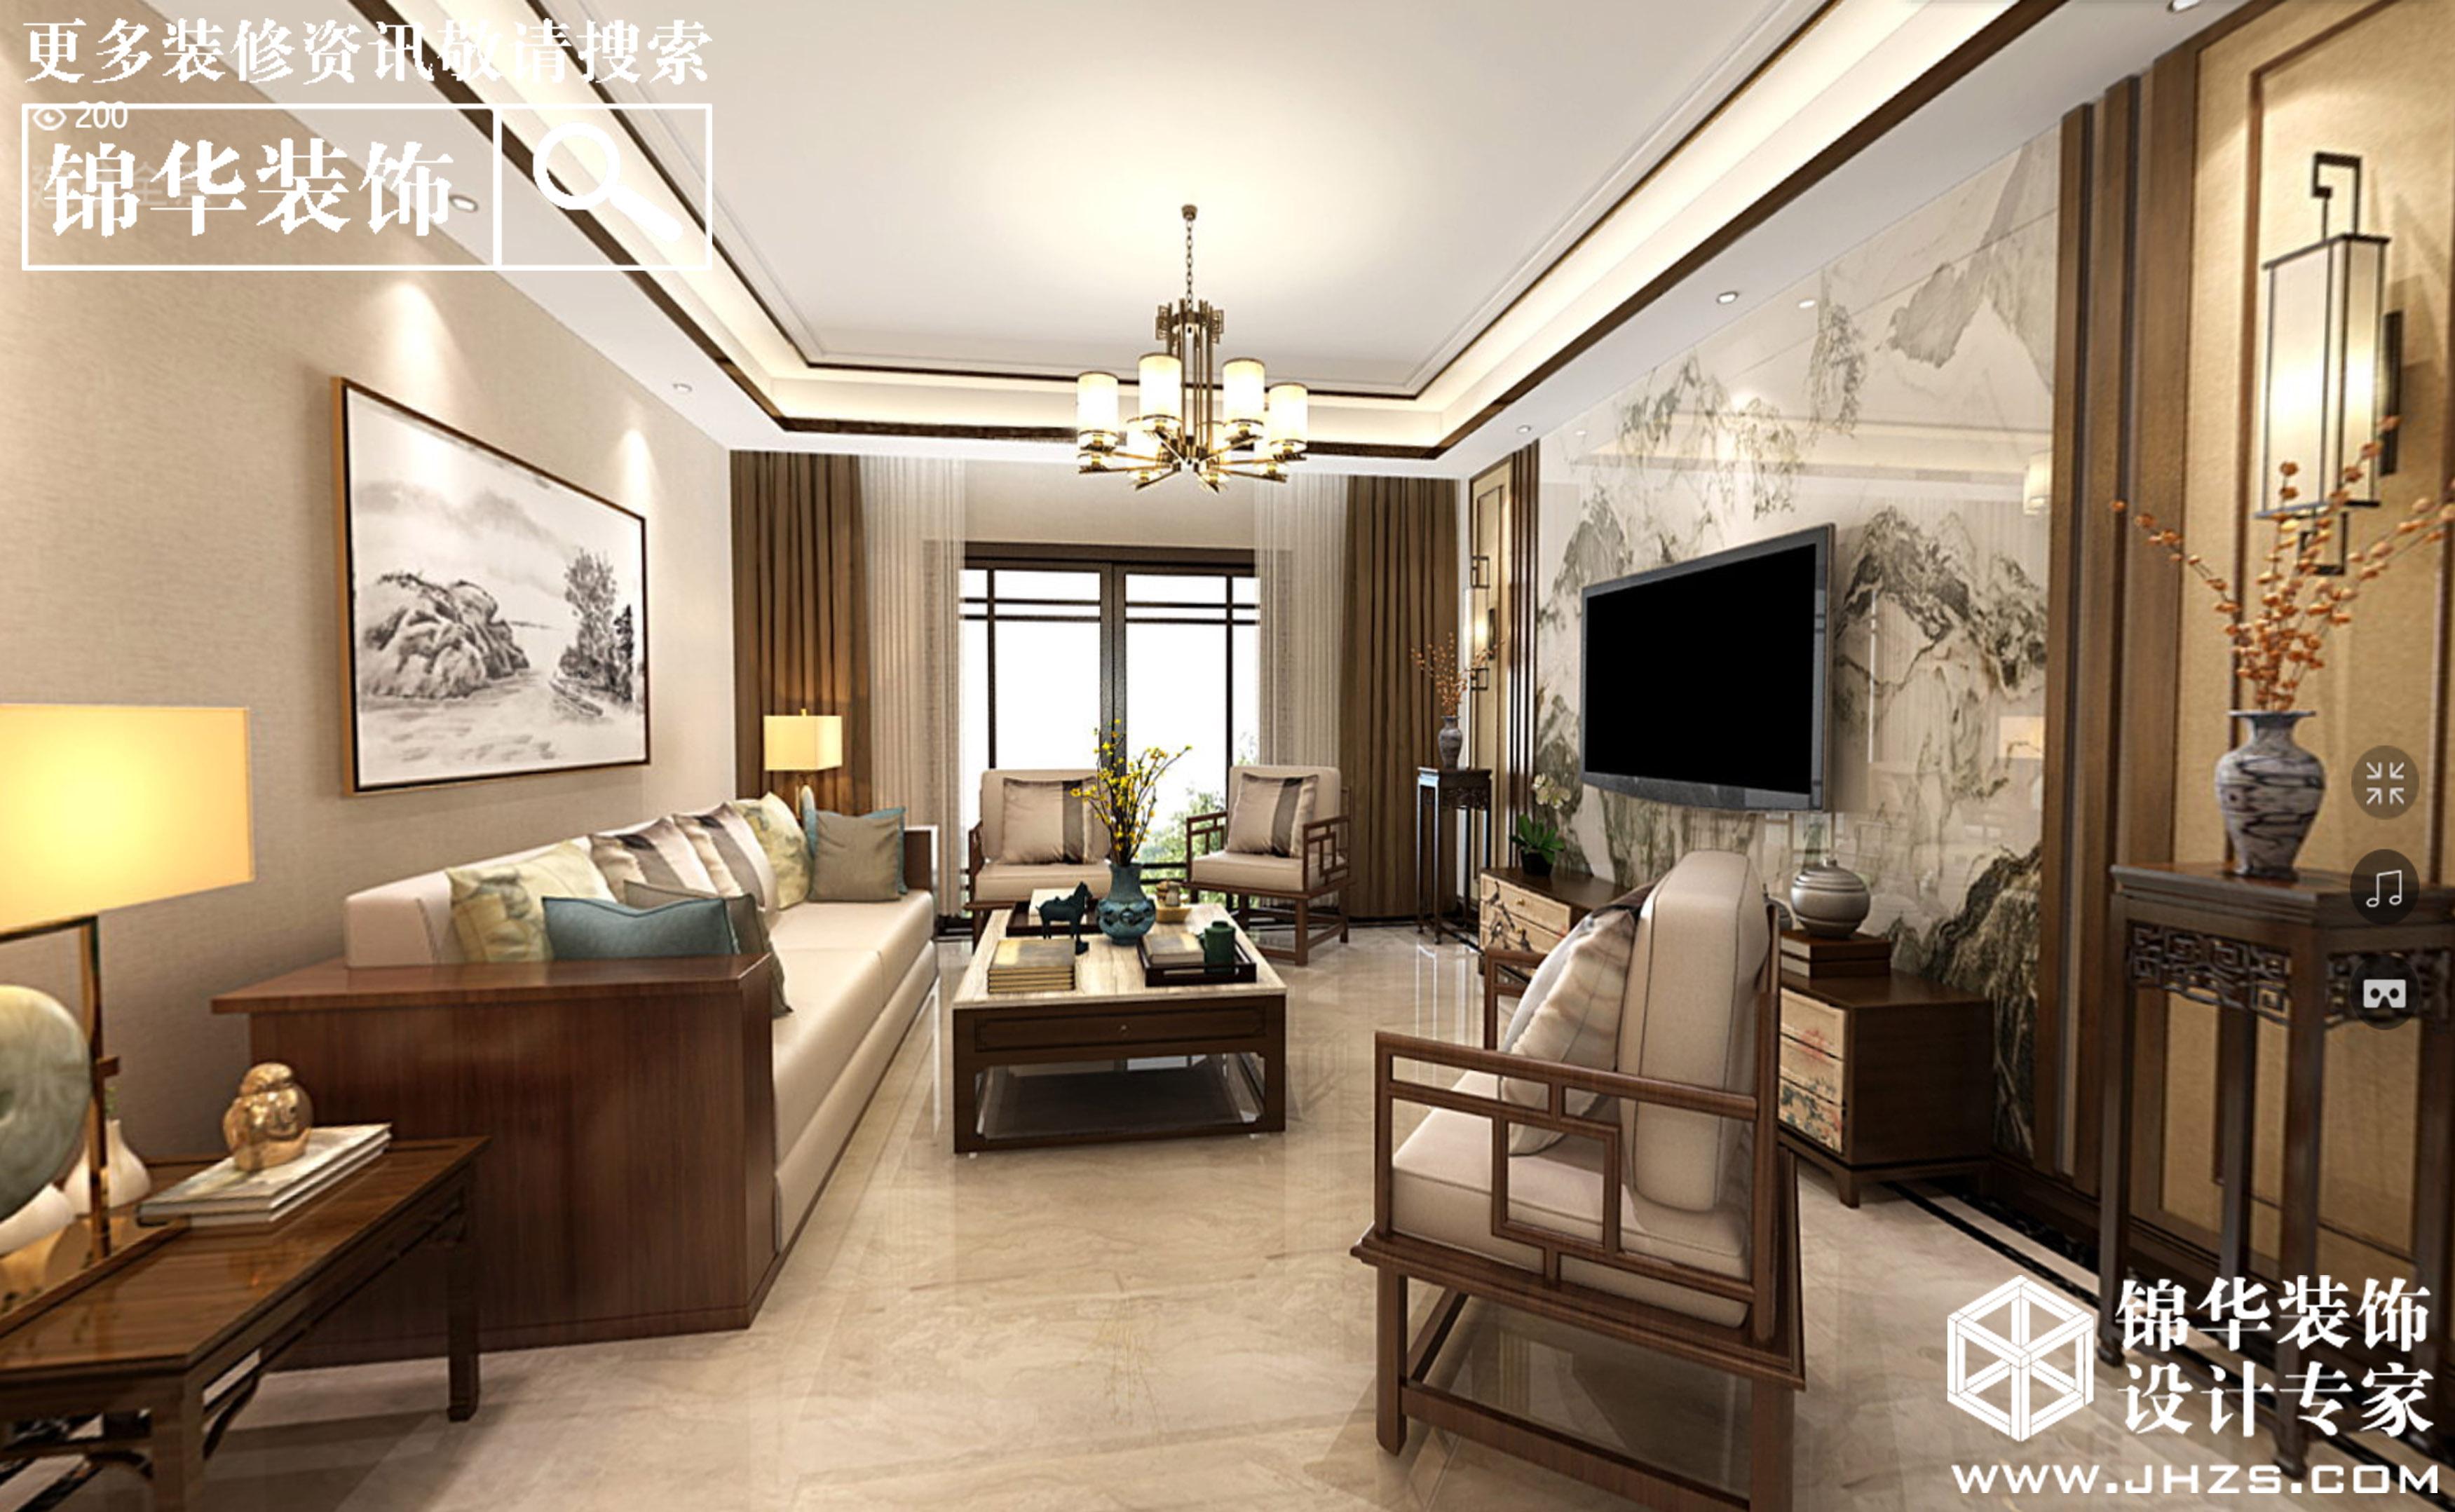 阳光国宾一号-新中式风格-190平大平层-全案造价55万